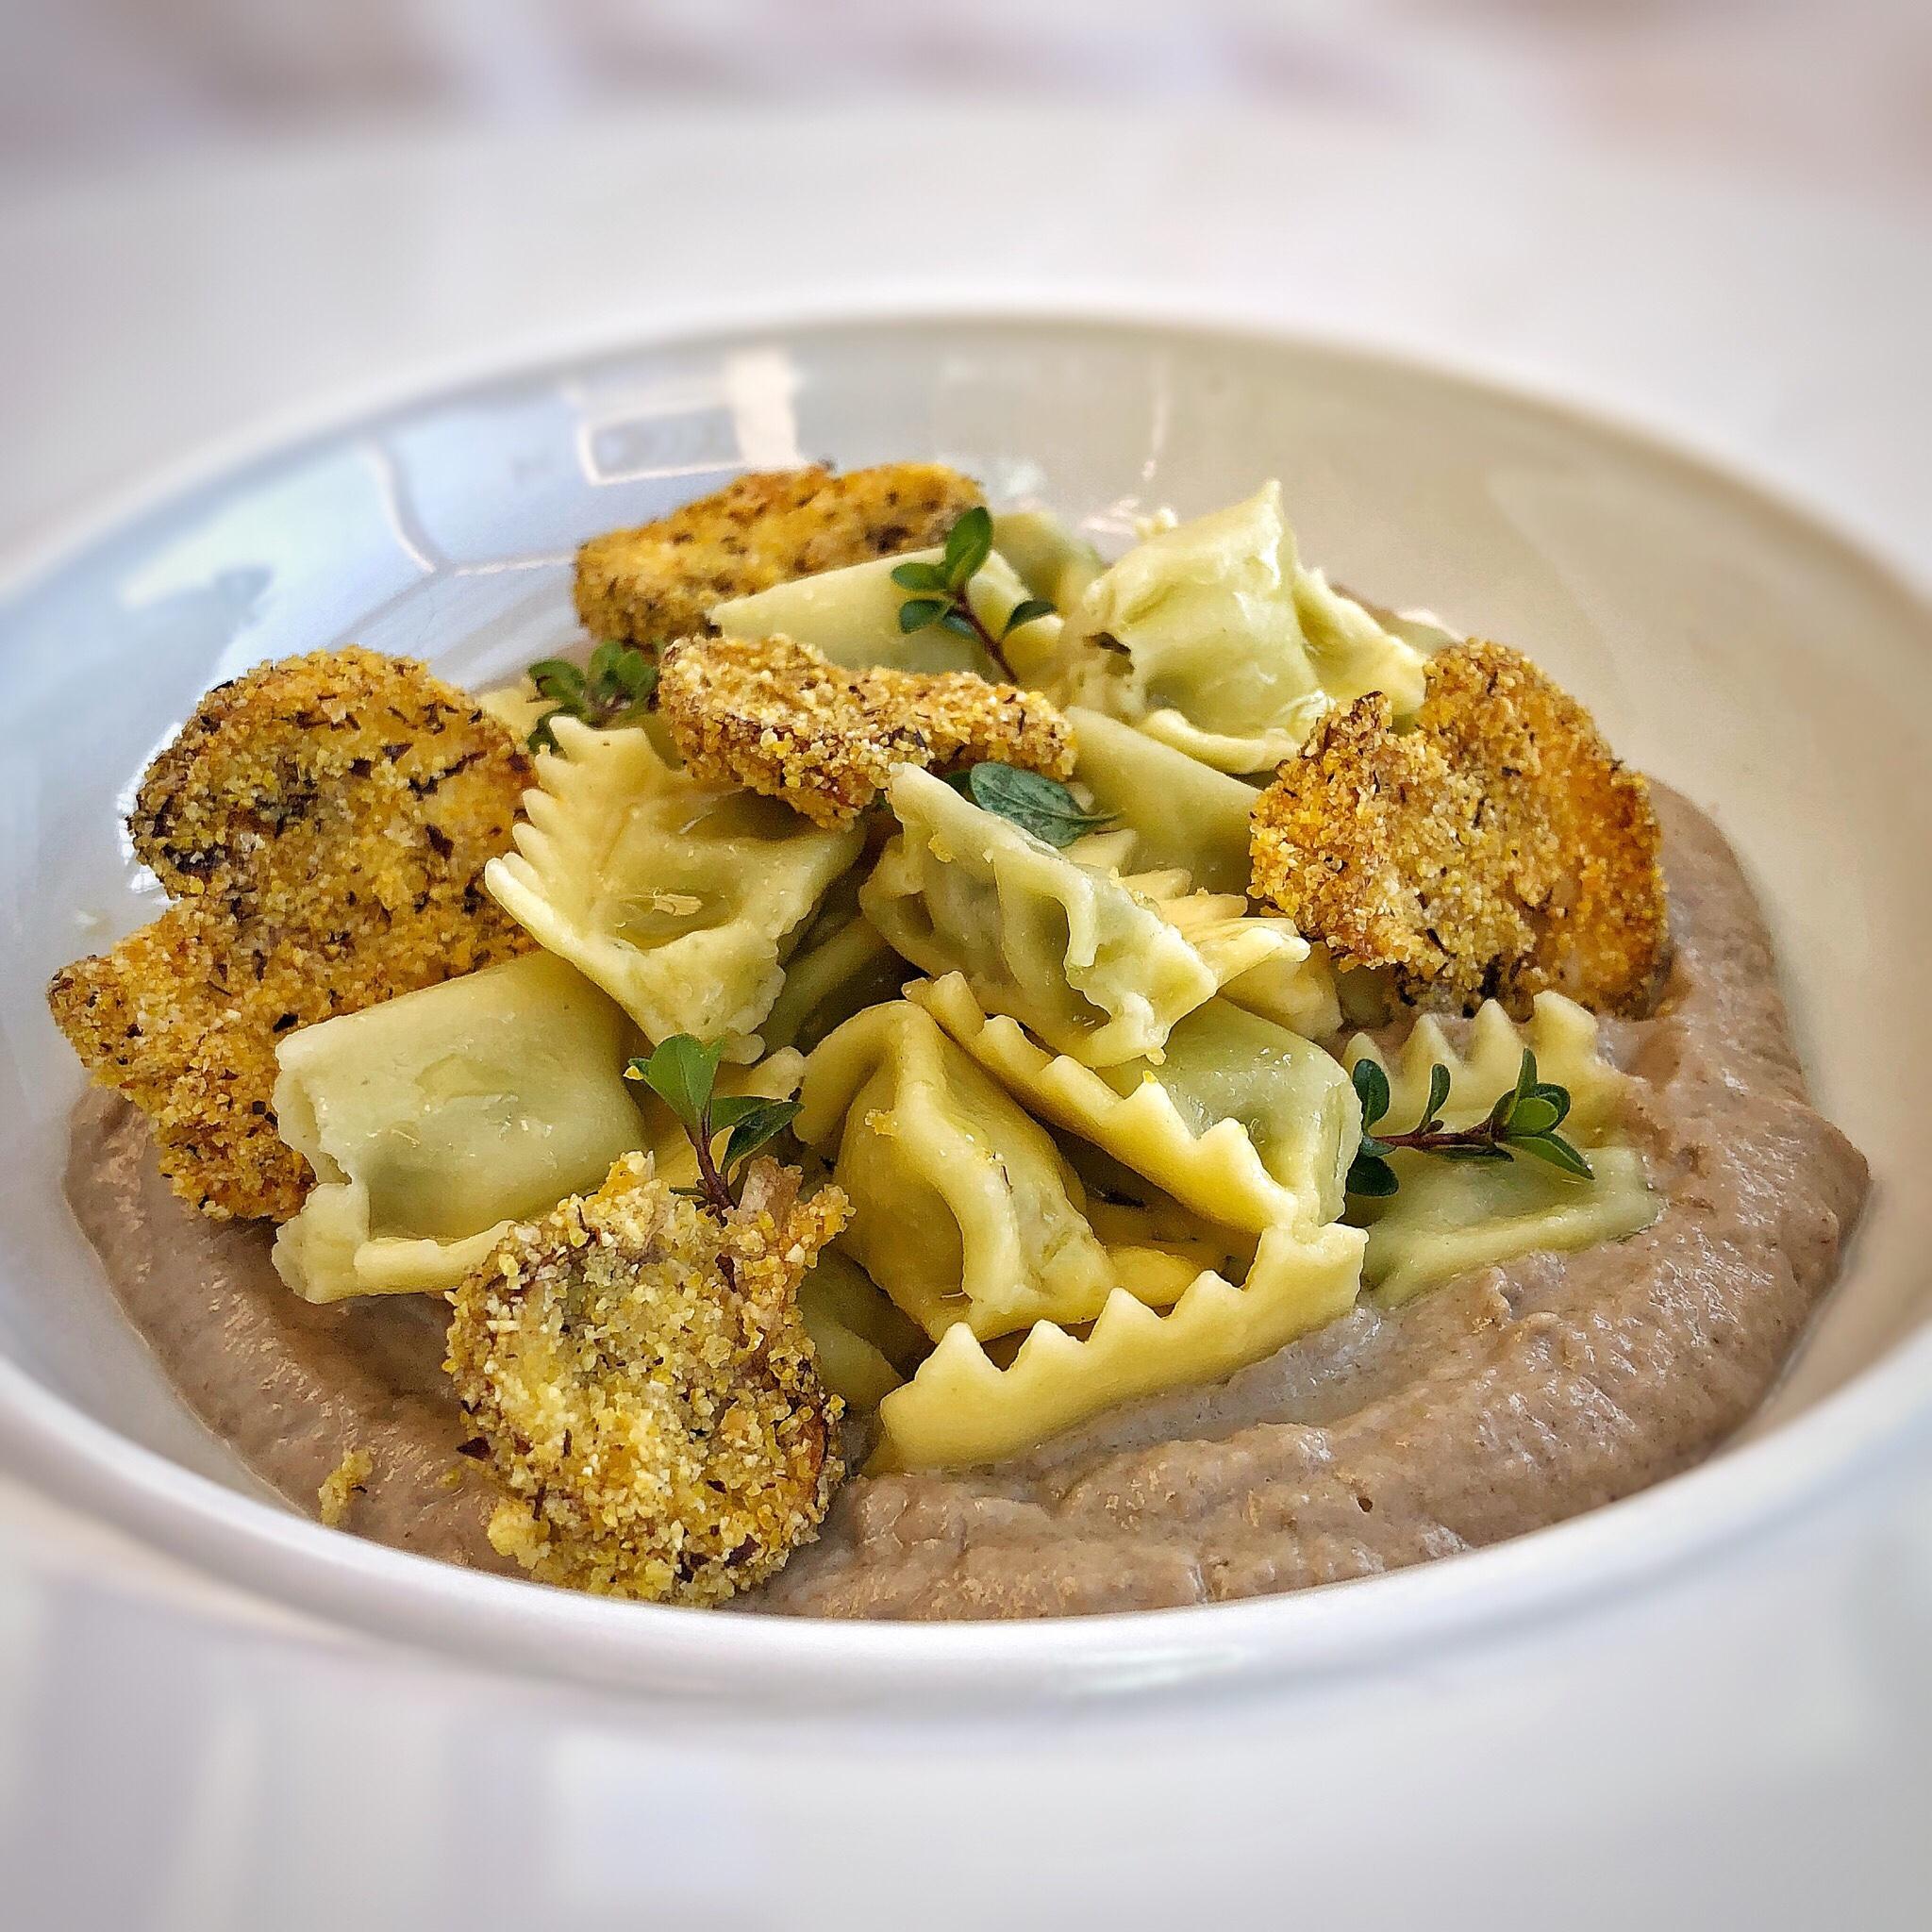 Ravioli del plin con champignon in crema e croccanti